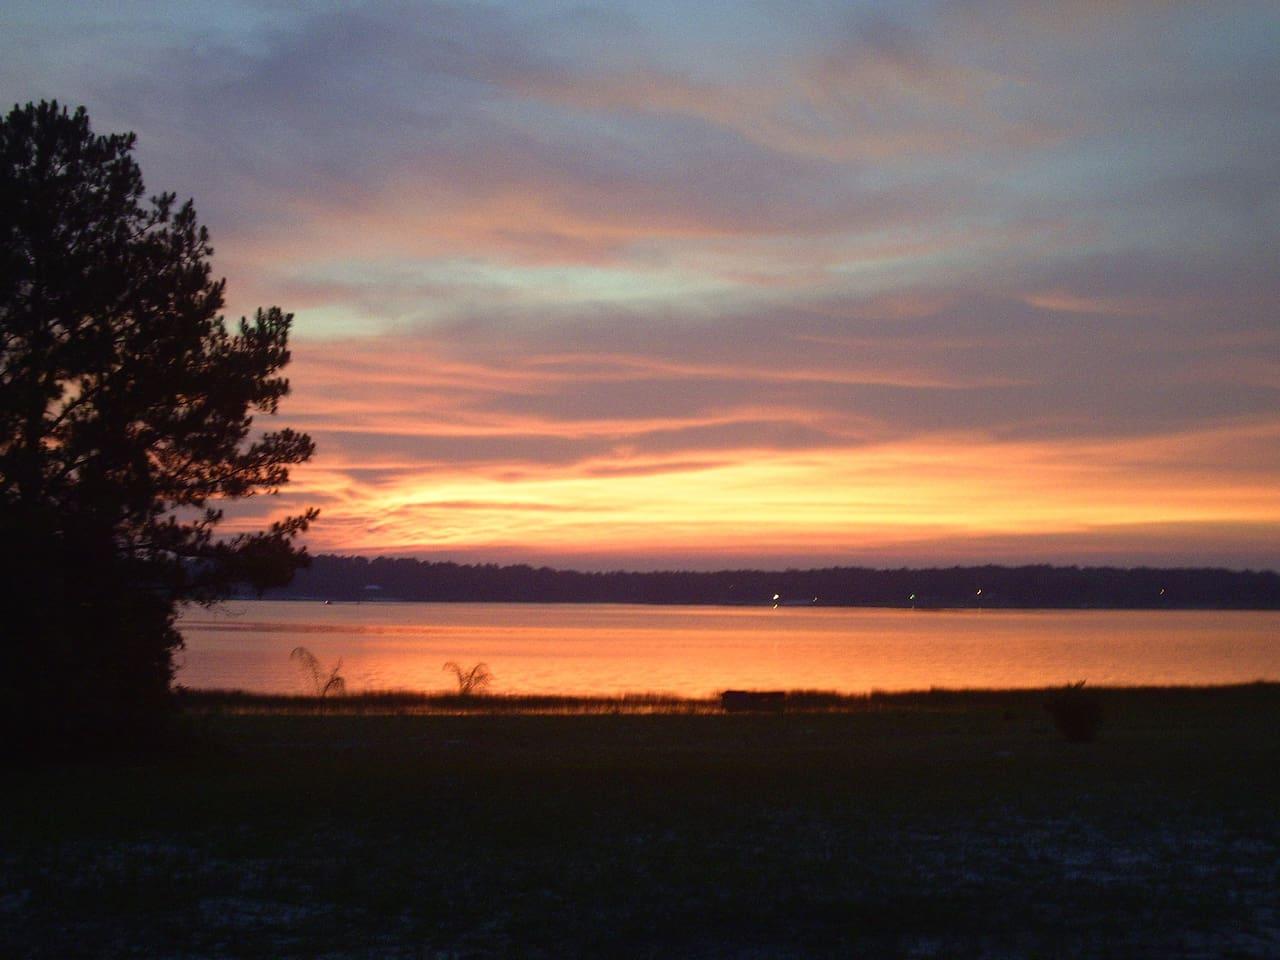 SUNSET at SWAN LAKE